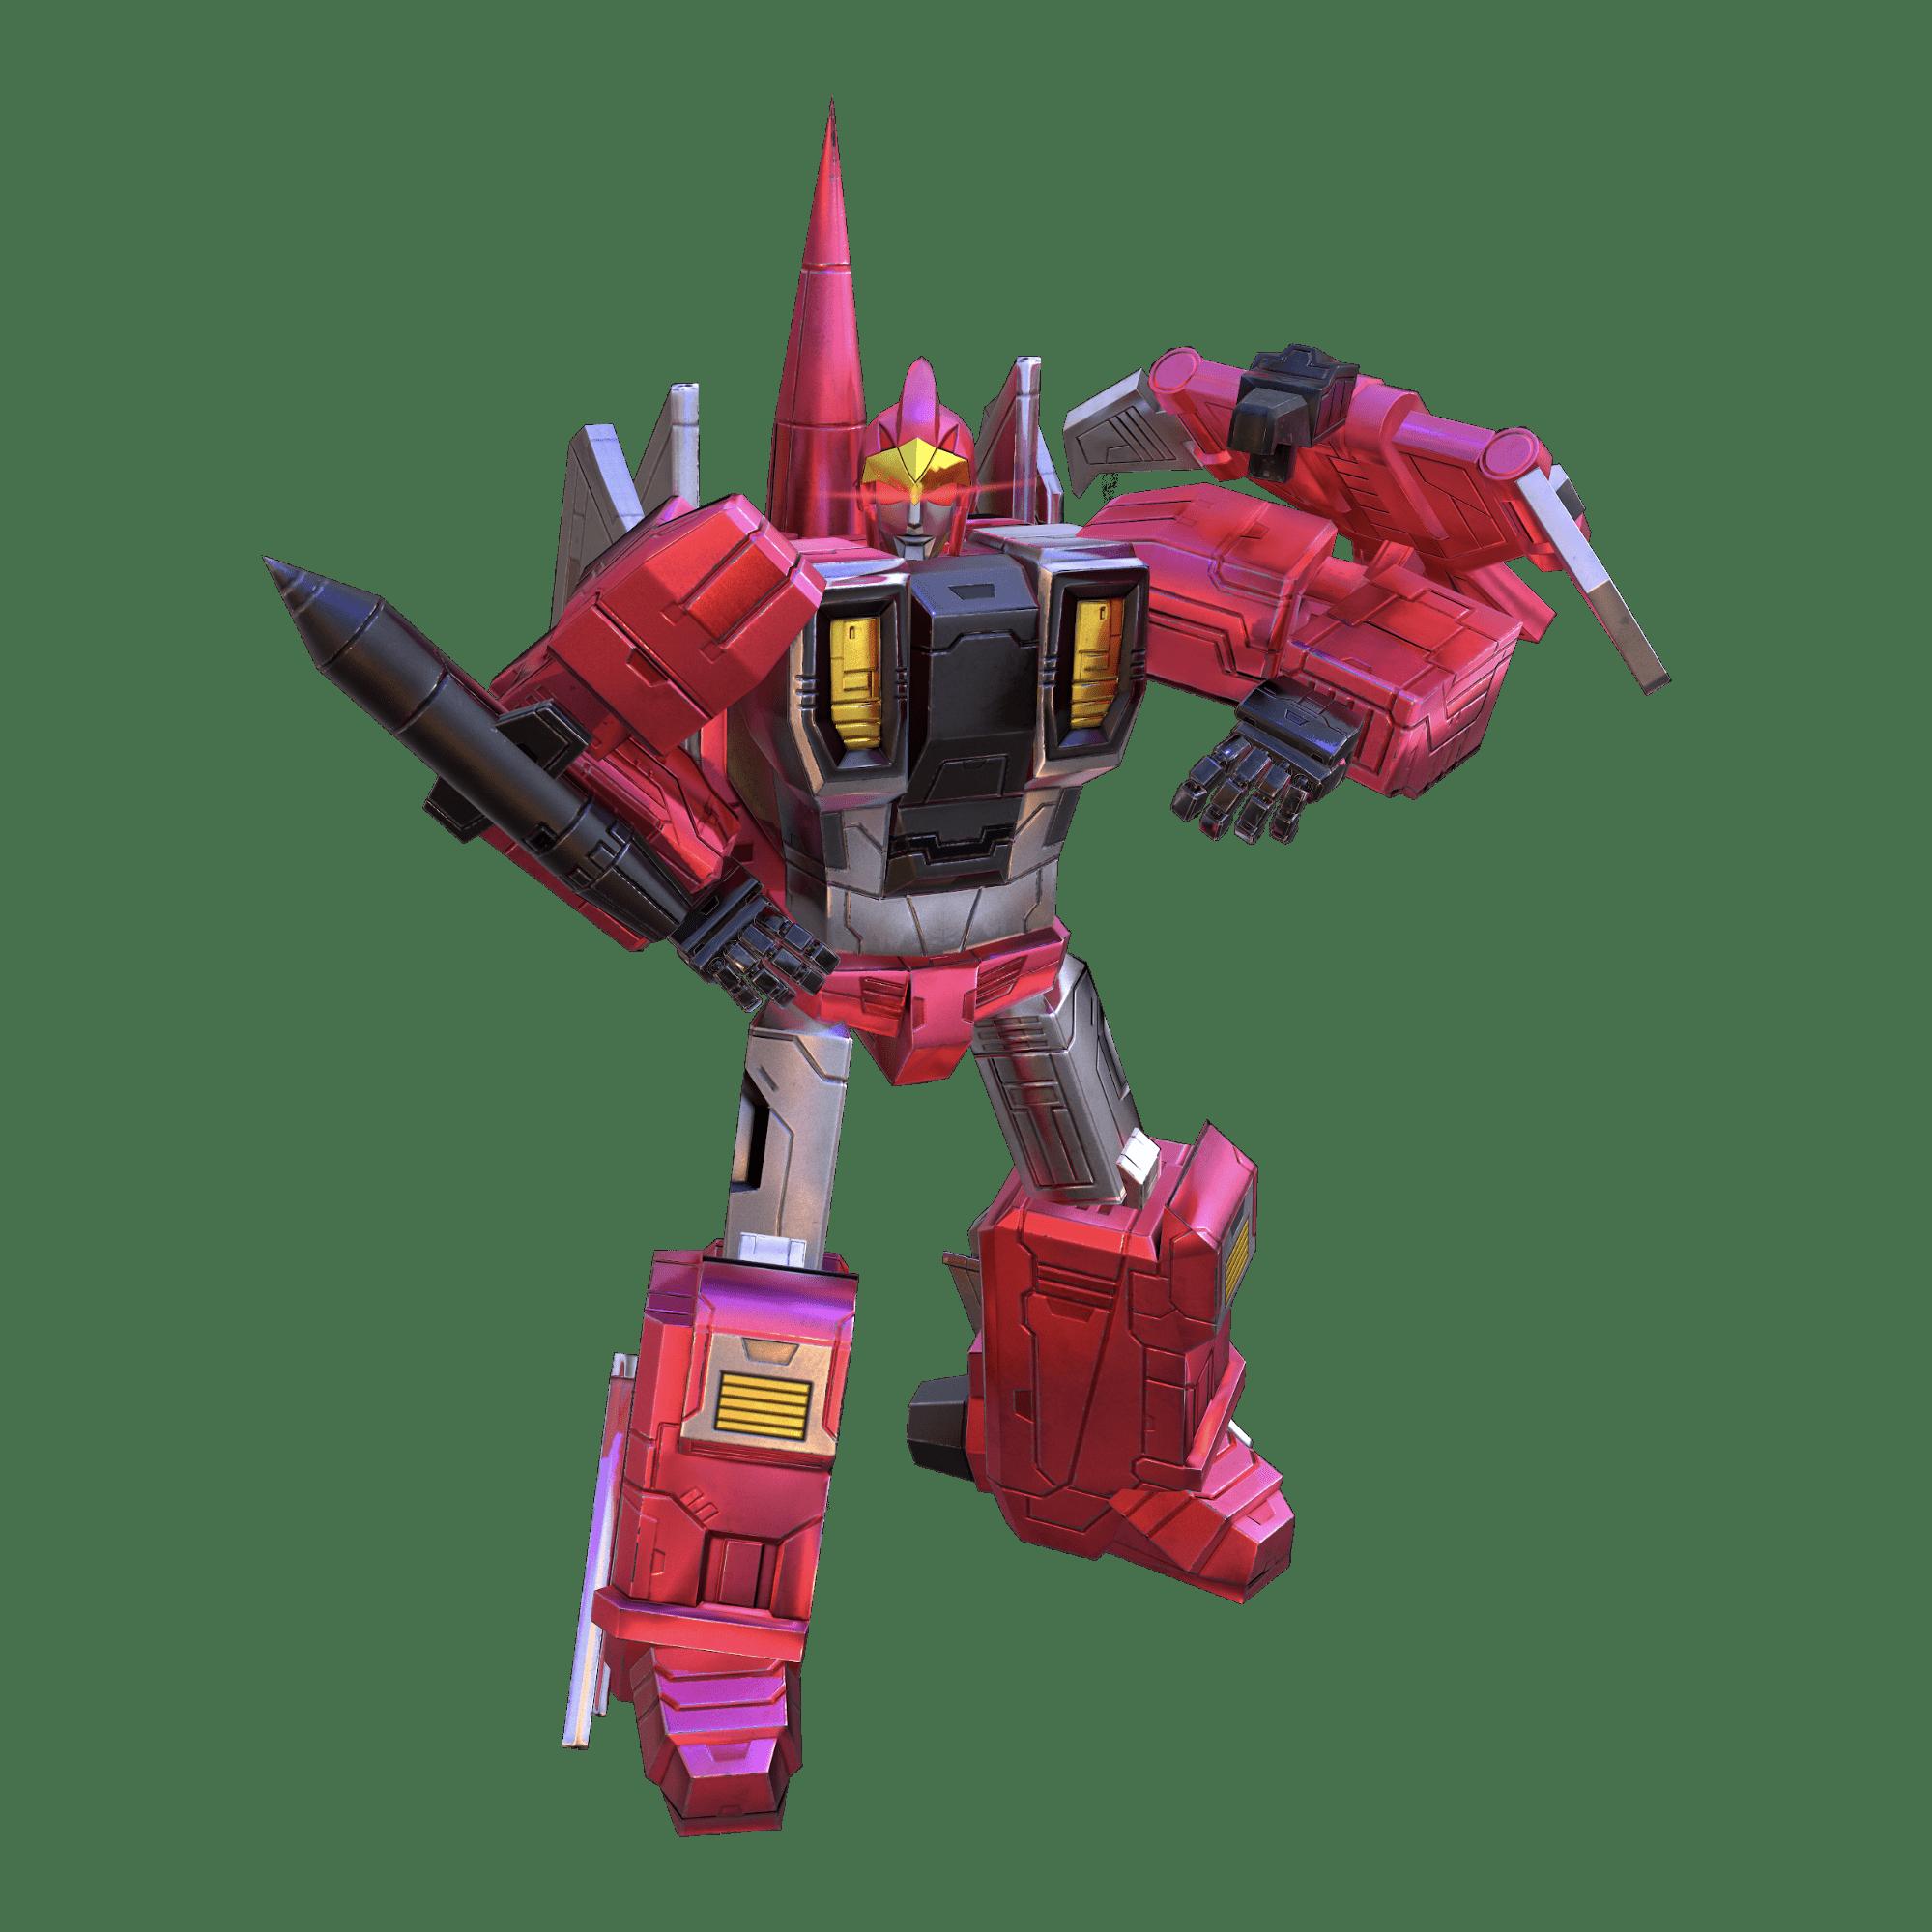 秃鹰机器人模式图片